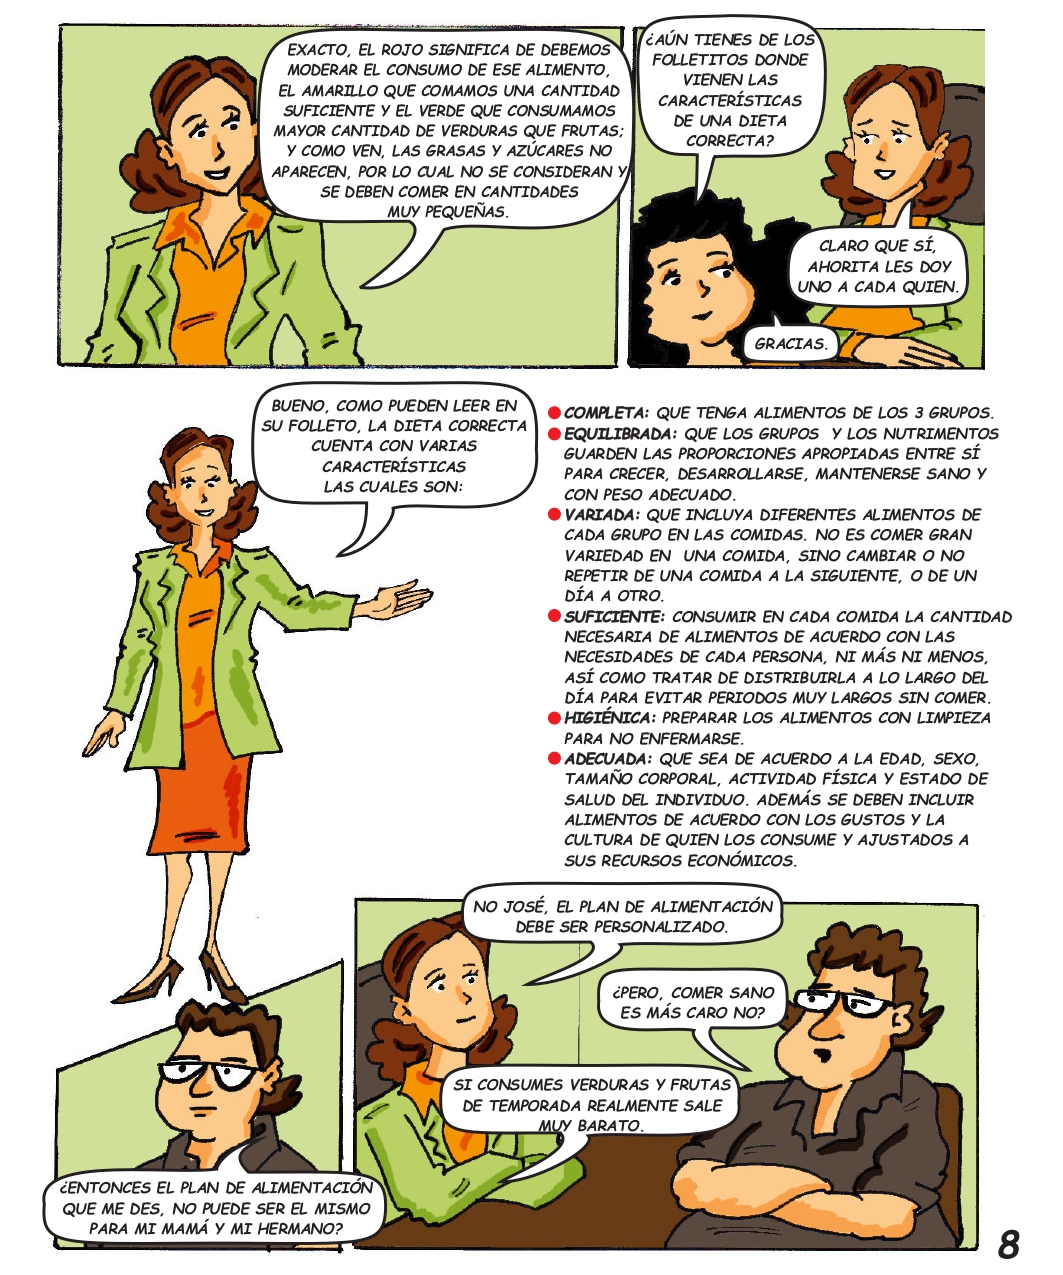 Diálogo de alimentación saludable digital_page-0010